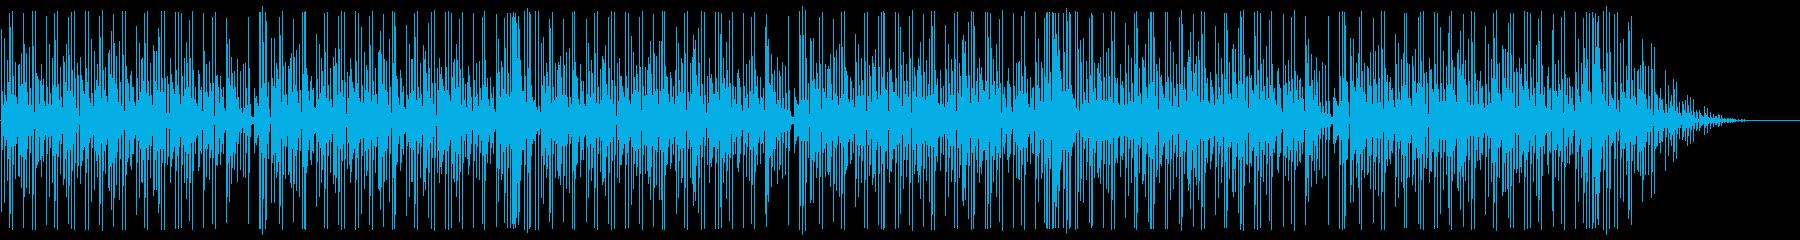 かわいいコミカル ほのぼの 間抜けの再生済みの波形